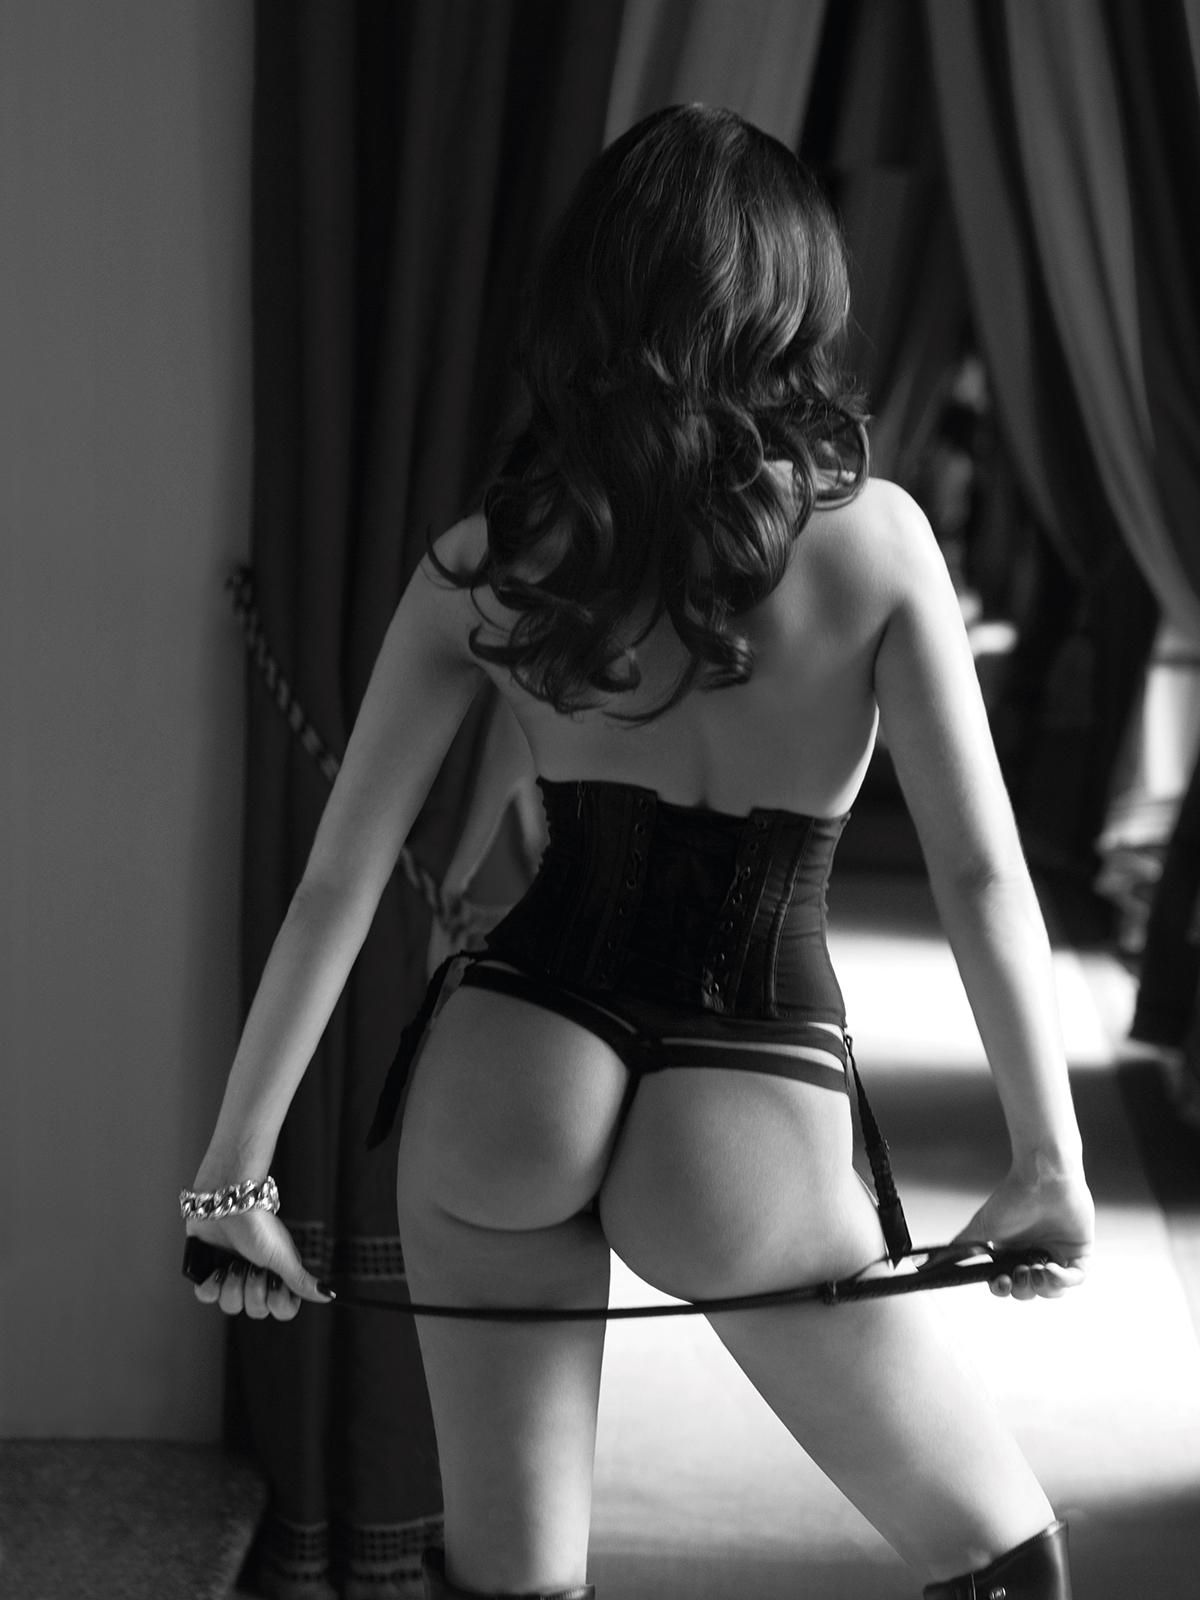 Лиза Ли голая. Фото - 2